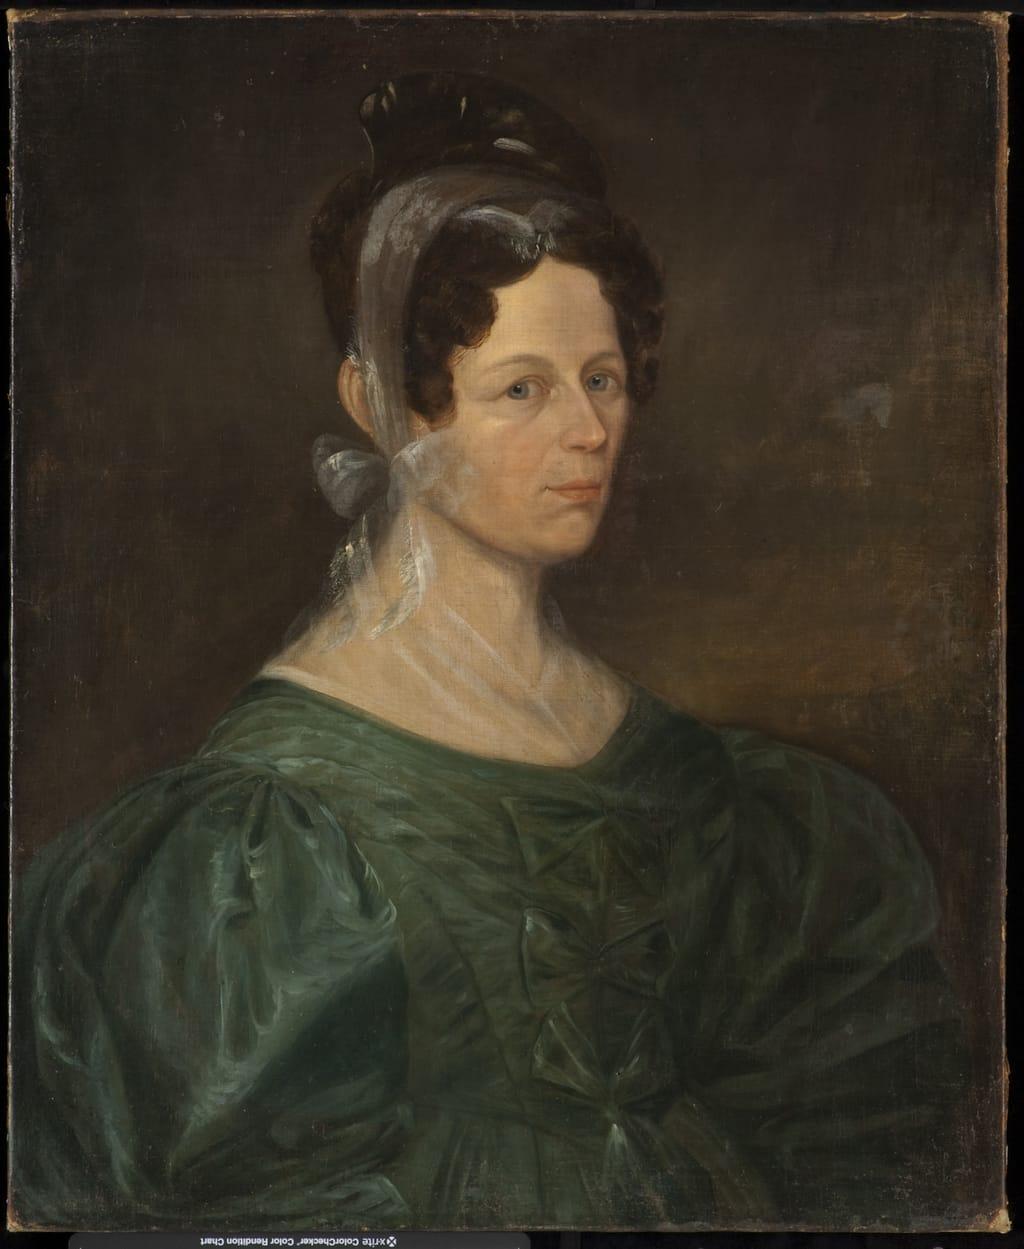 Madame Charles-Maxime Defoy, née Marie-Louise Légaré, soeur de l'artiste